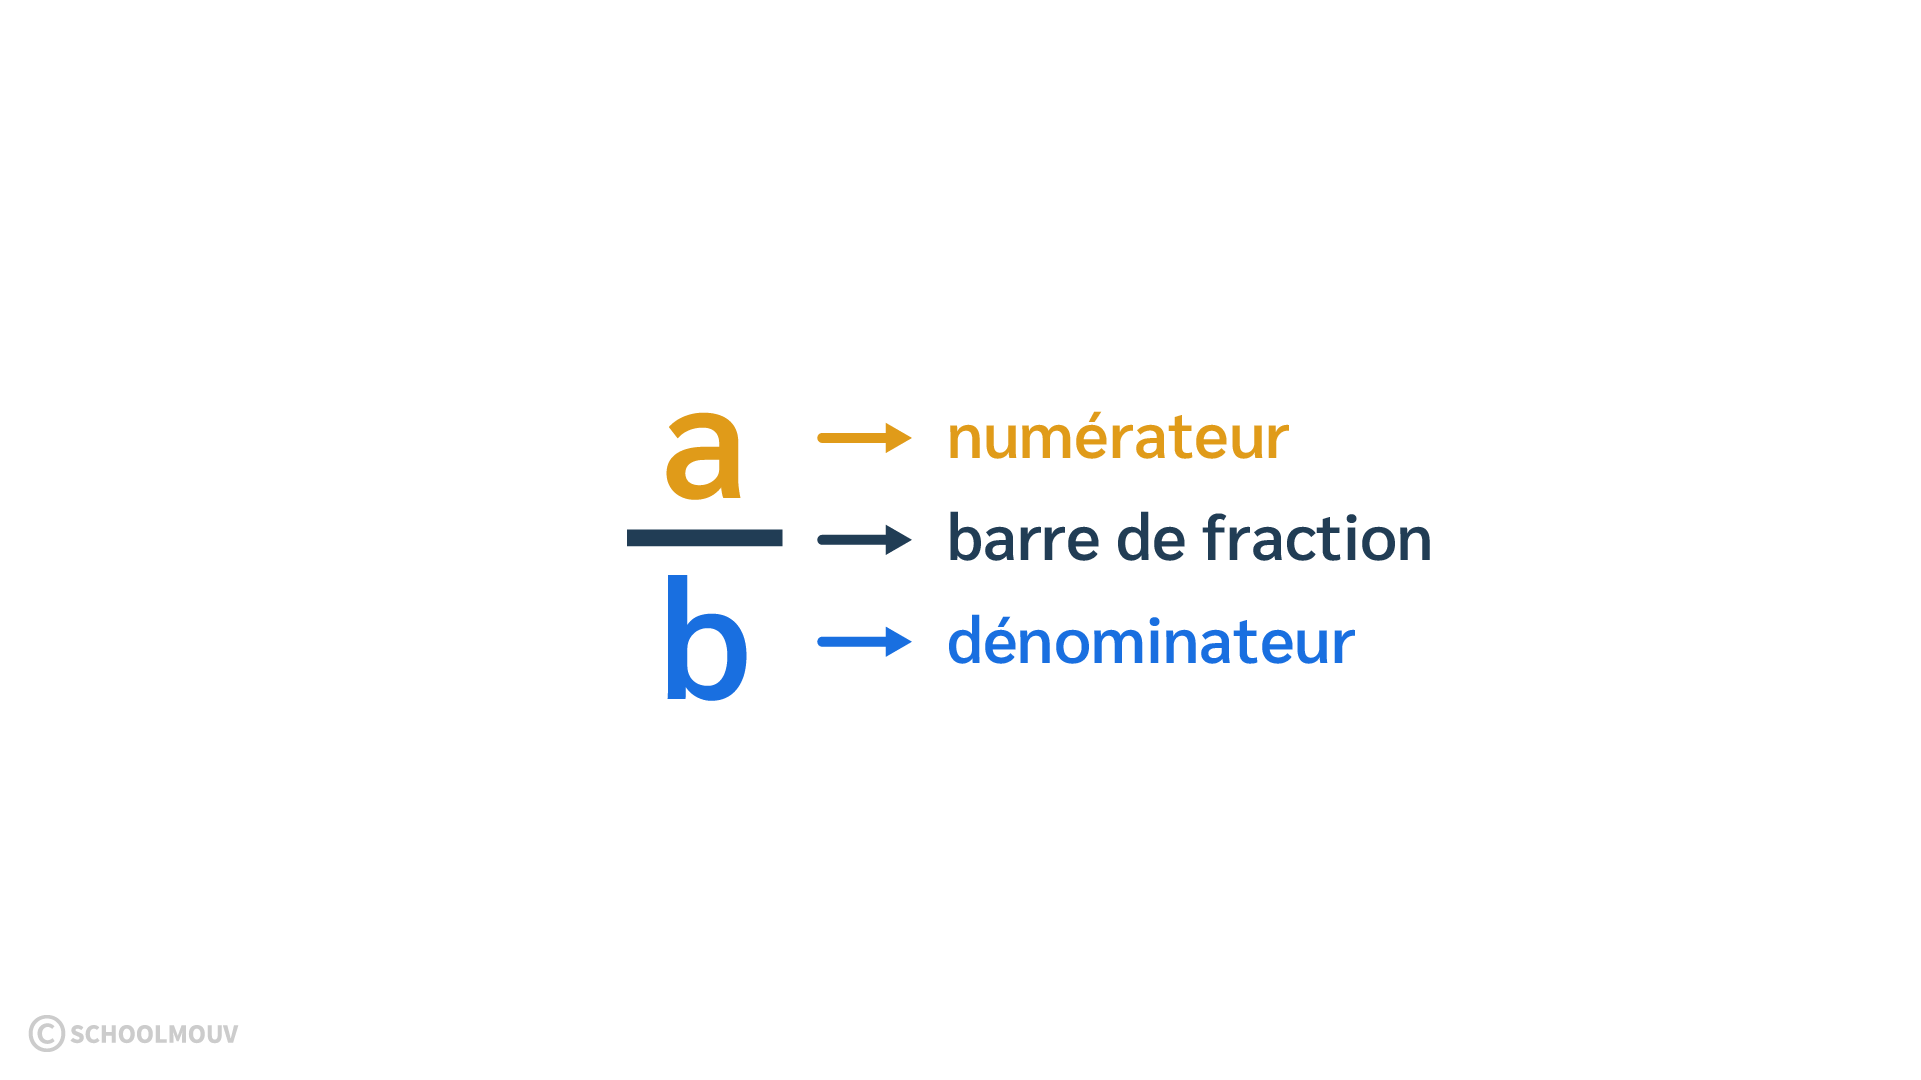 primaire cm1 mathématiques découvrir les fractions dénominateur numérateur